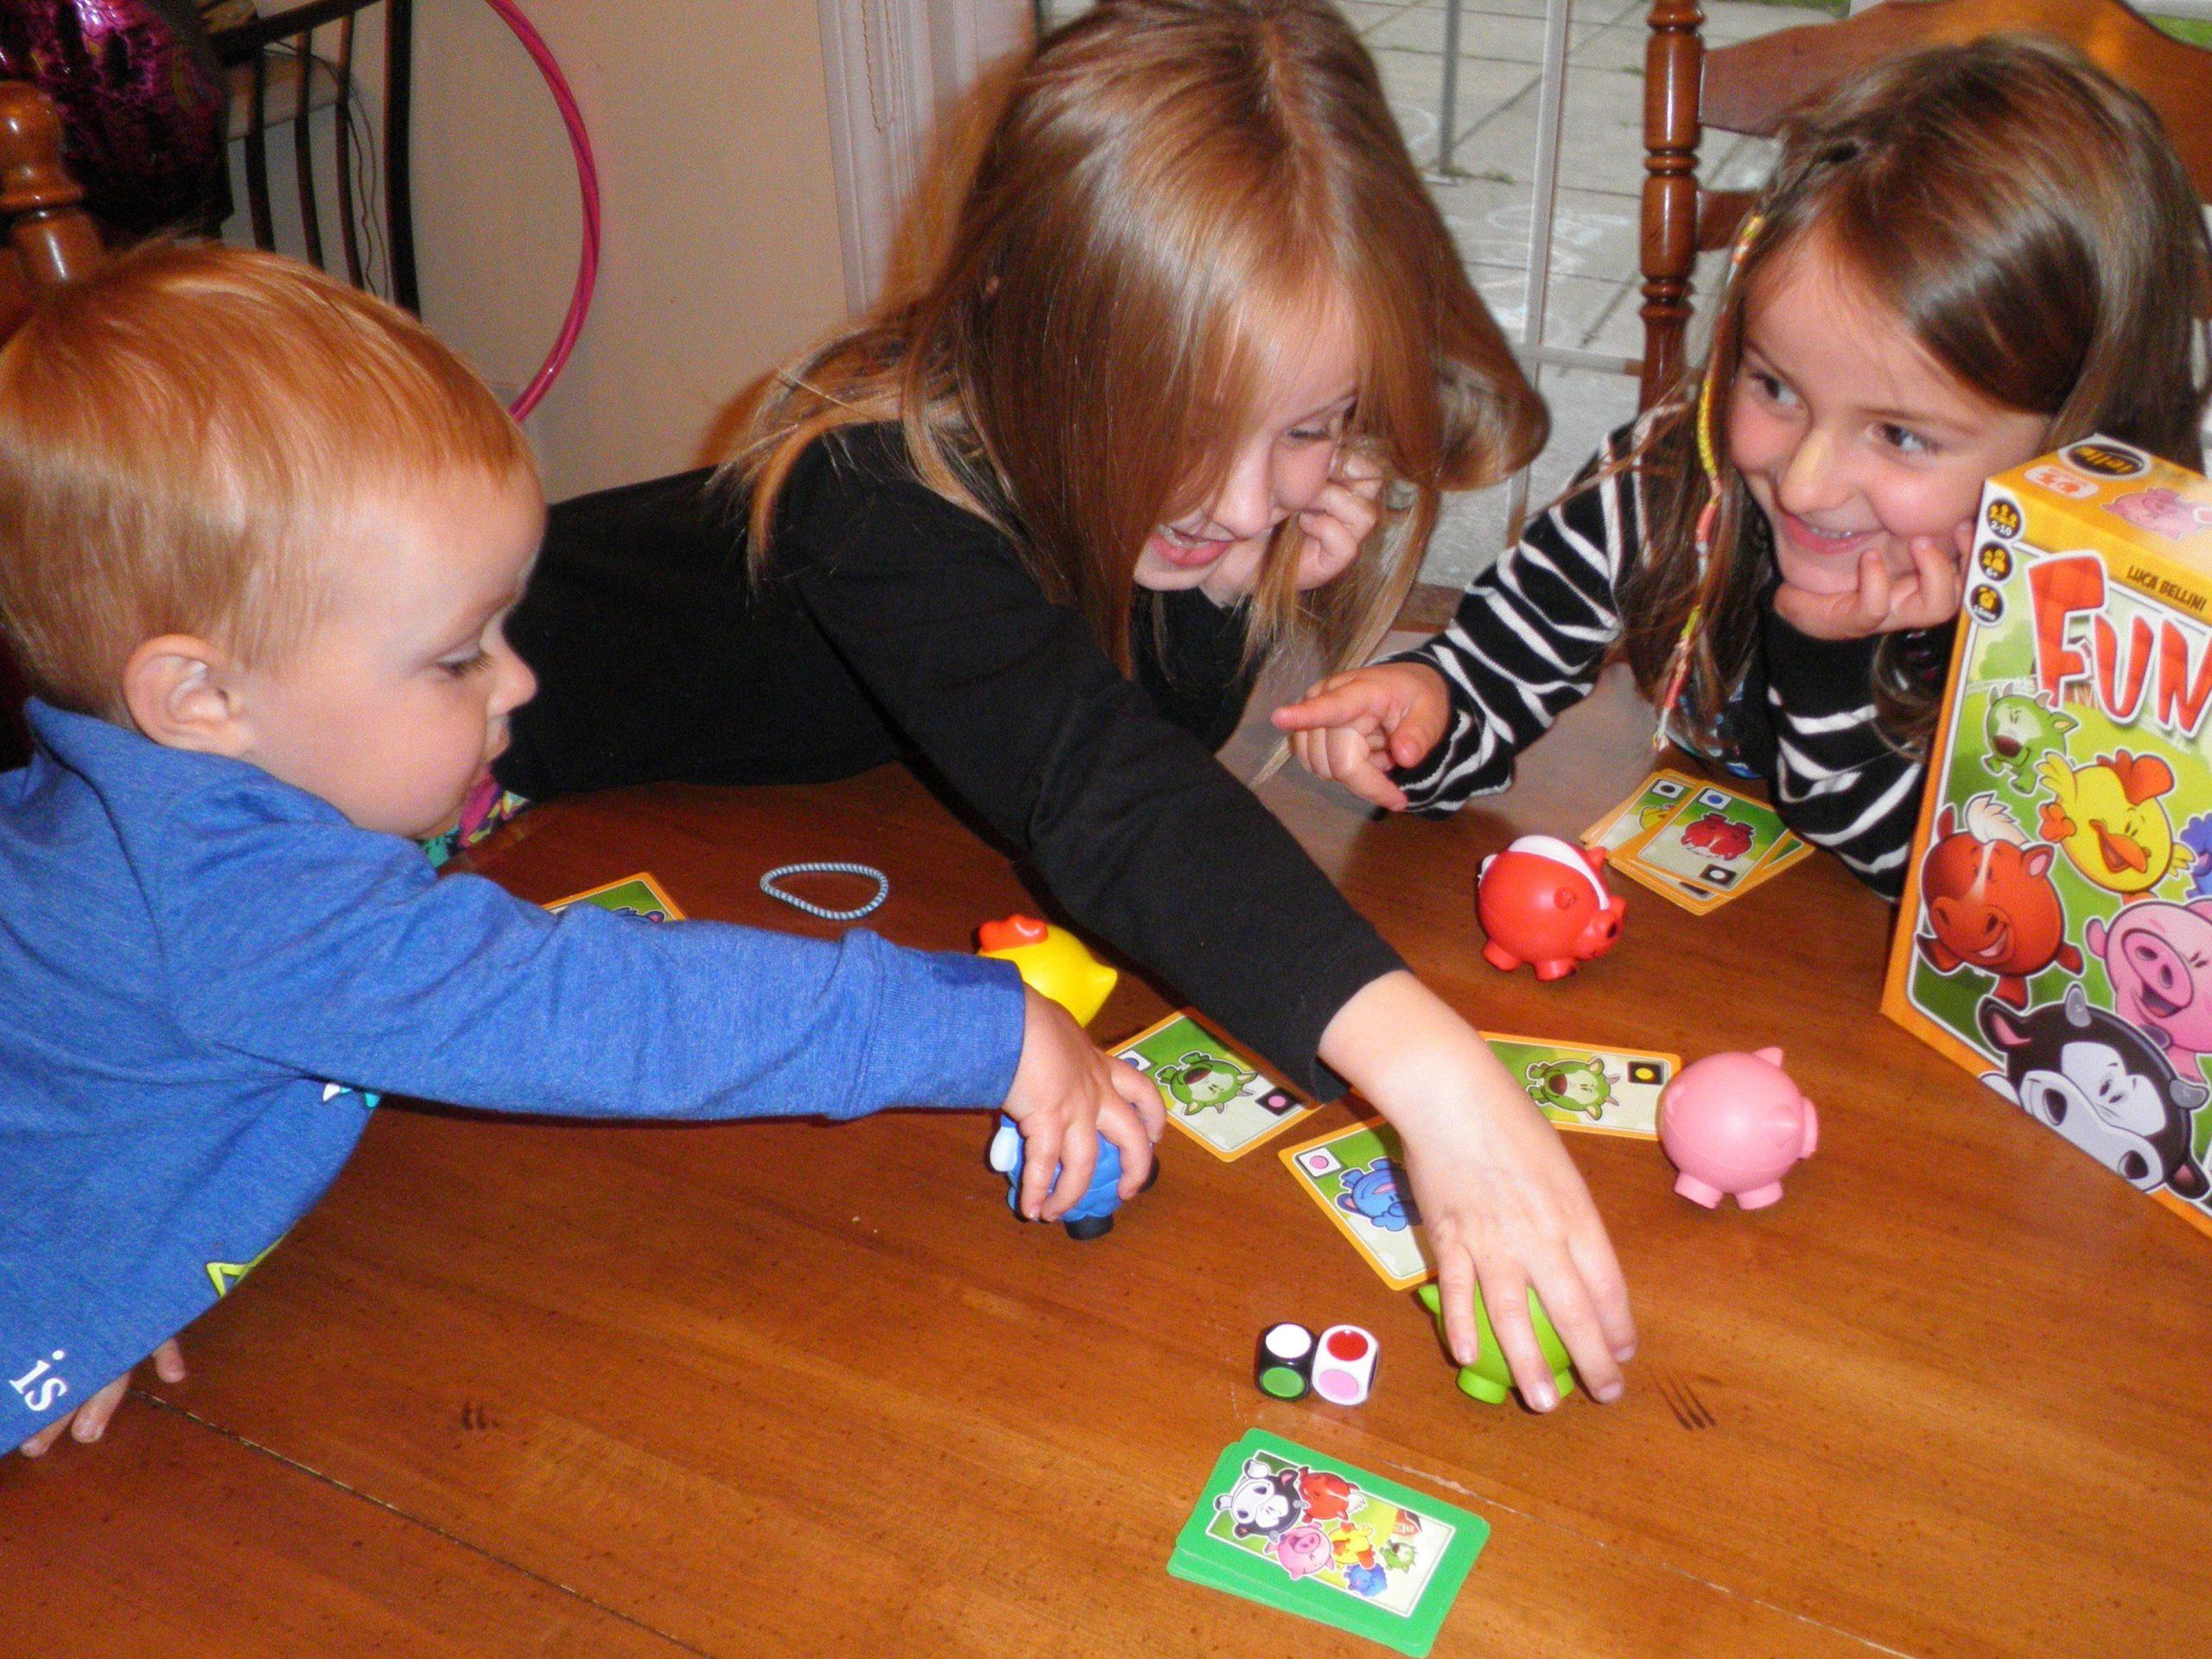 Les Jeux De Société dedans Jeux Pour Petit Enfant